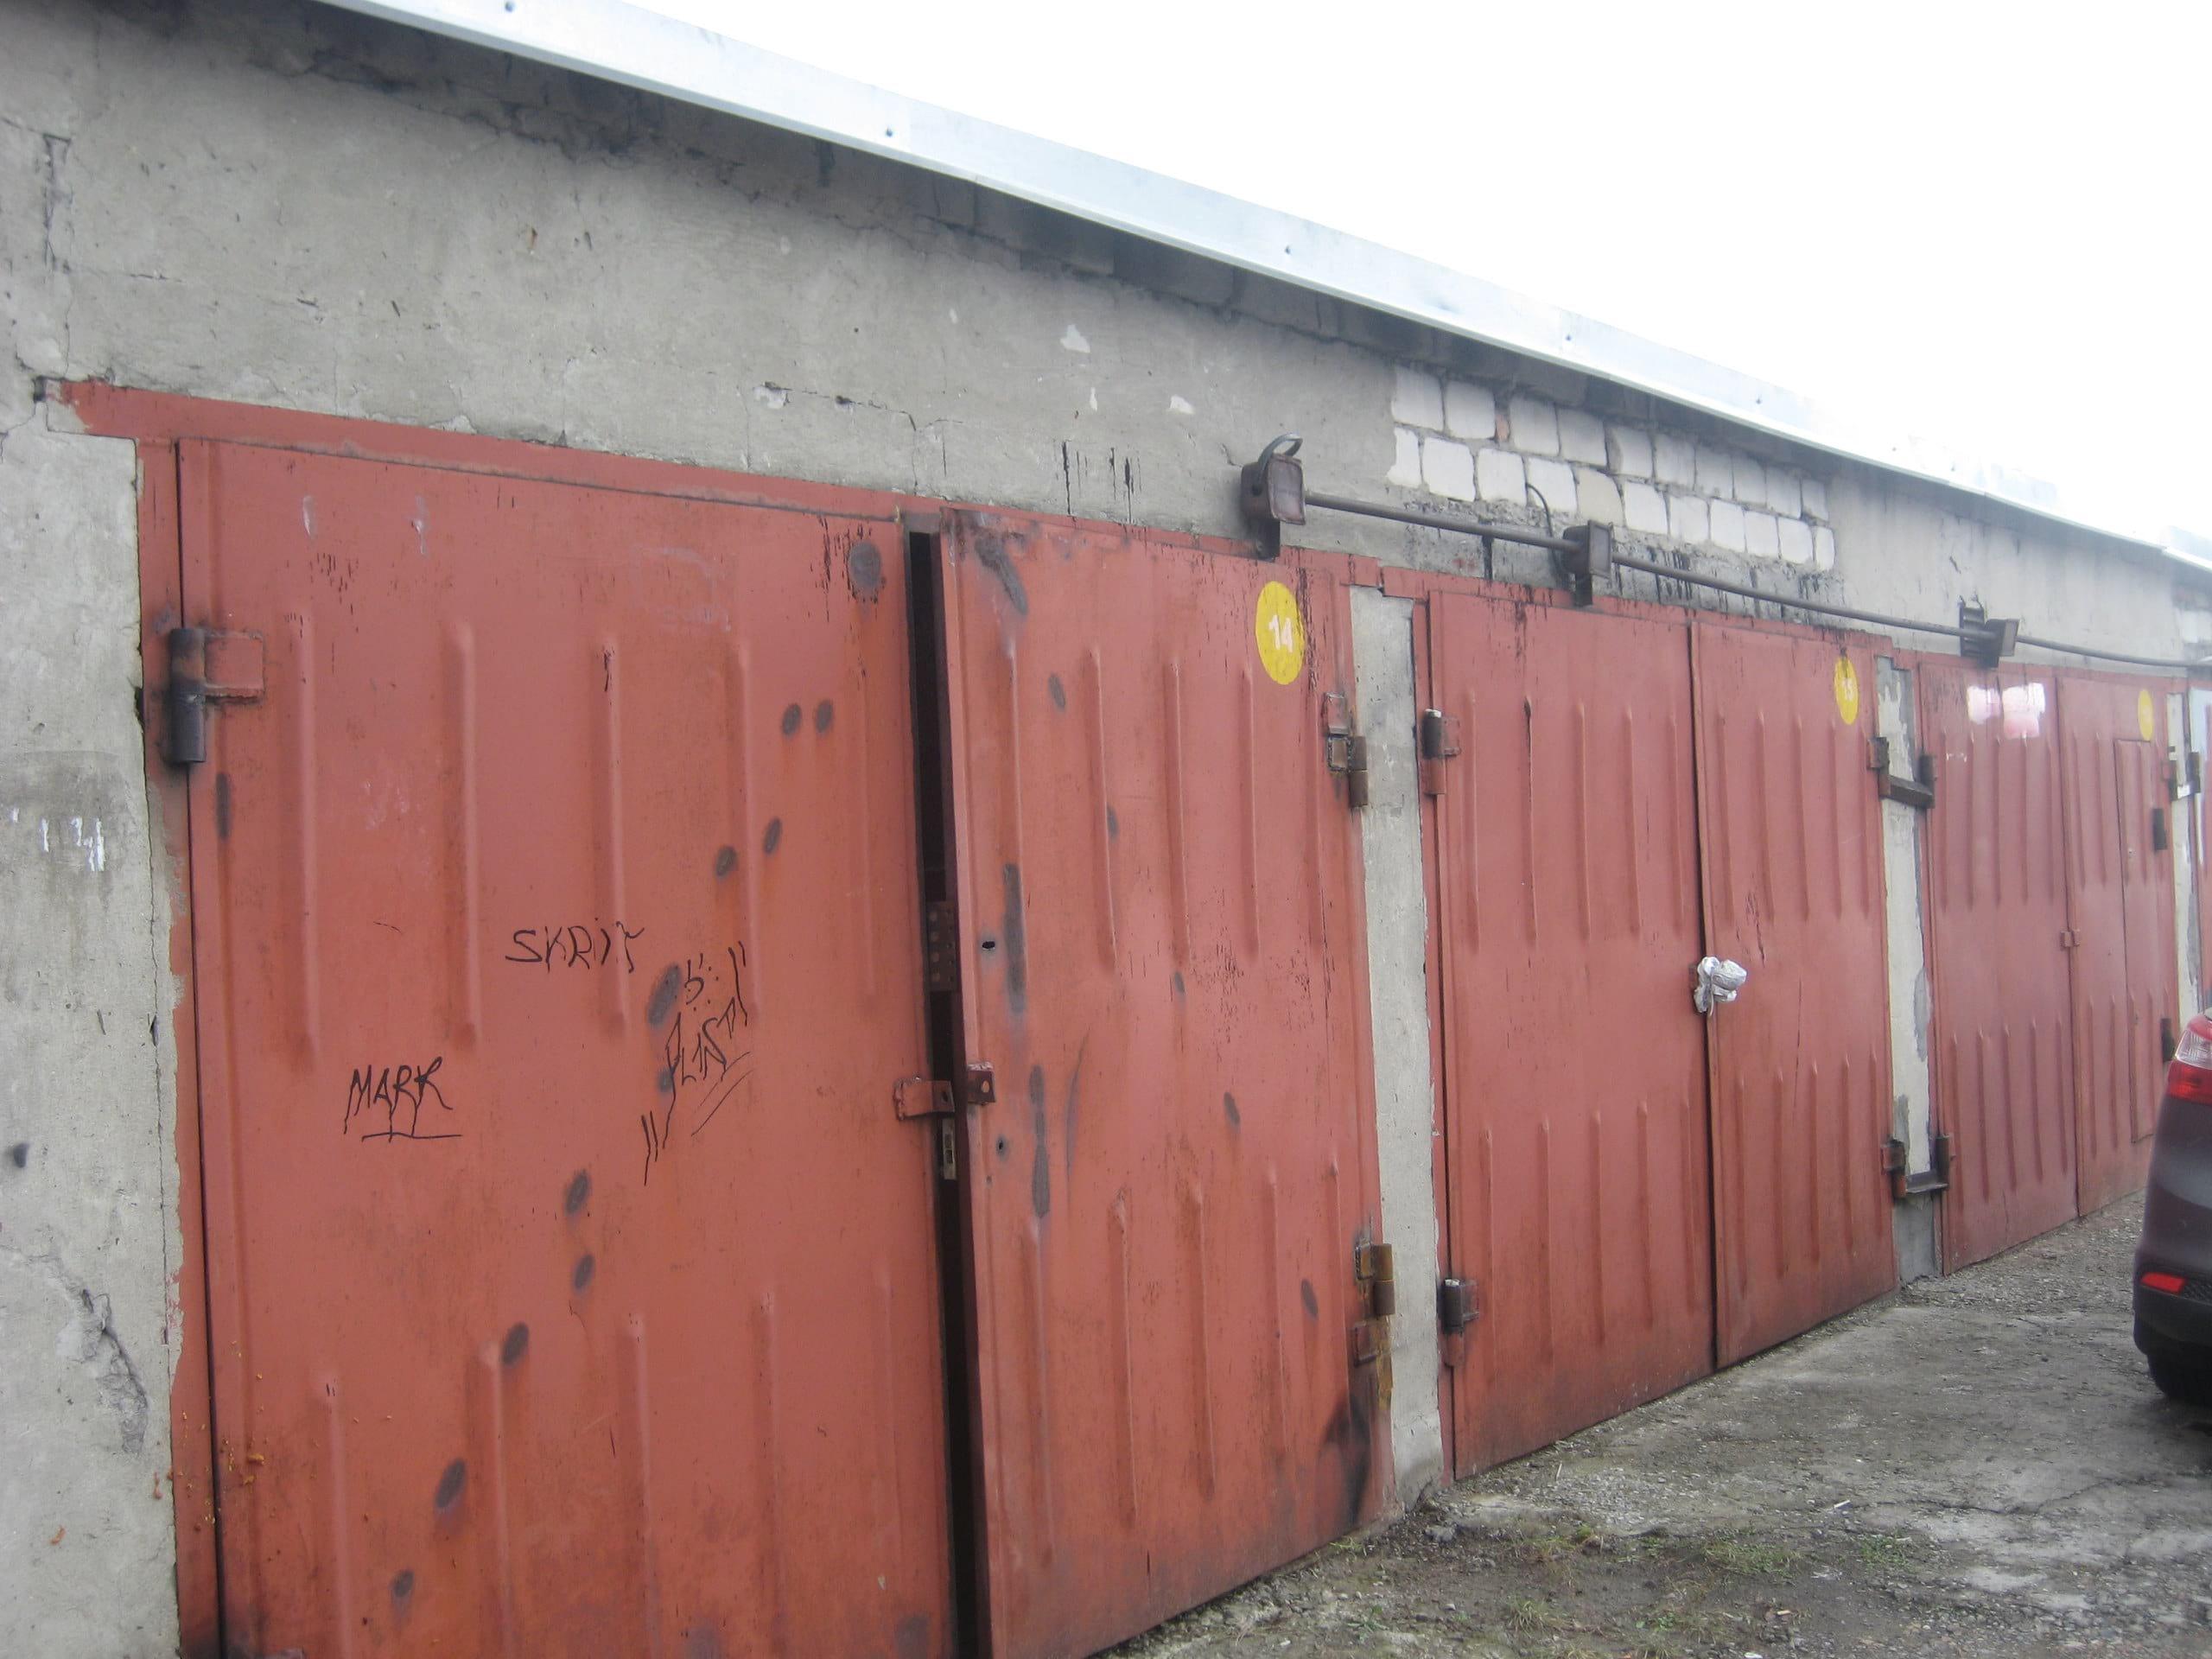 Изображение - Как продать неприватизированный гараж wsi-imageoptim-1420553689dcac